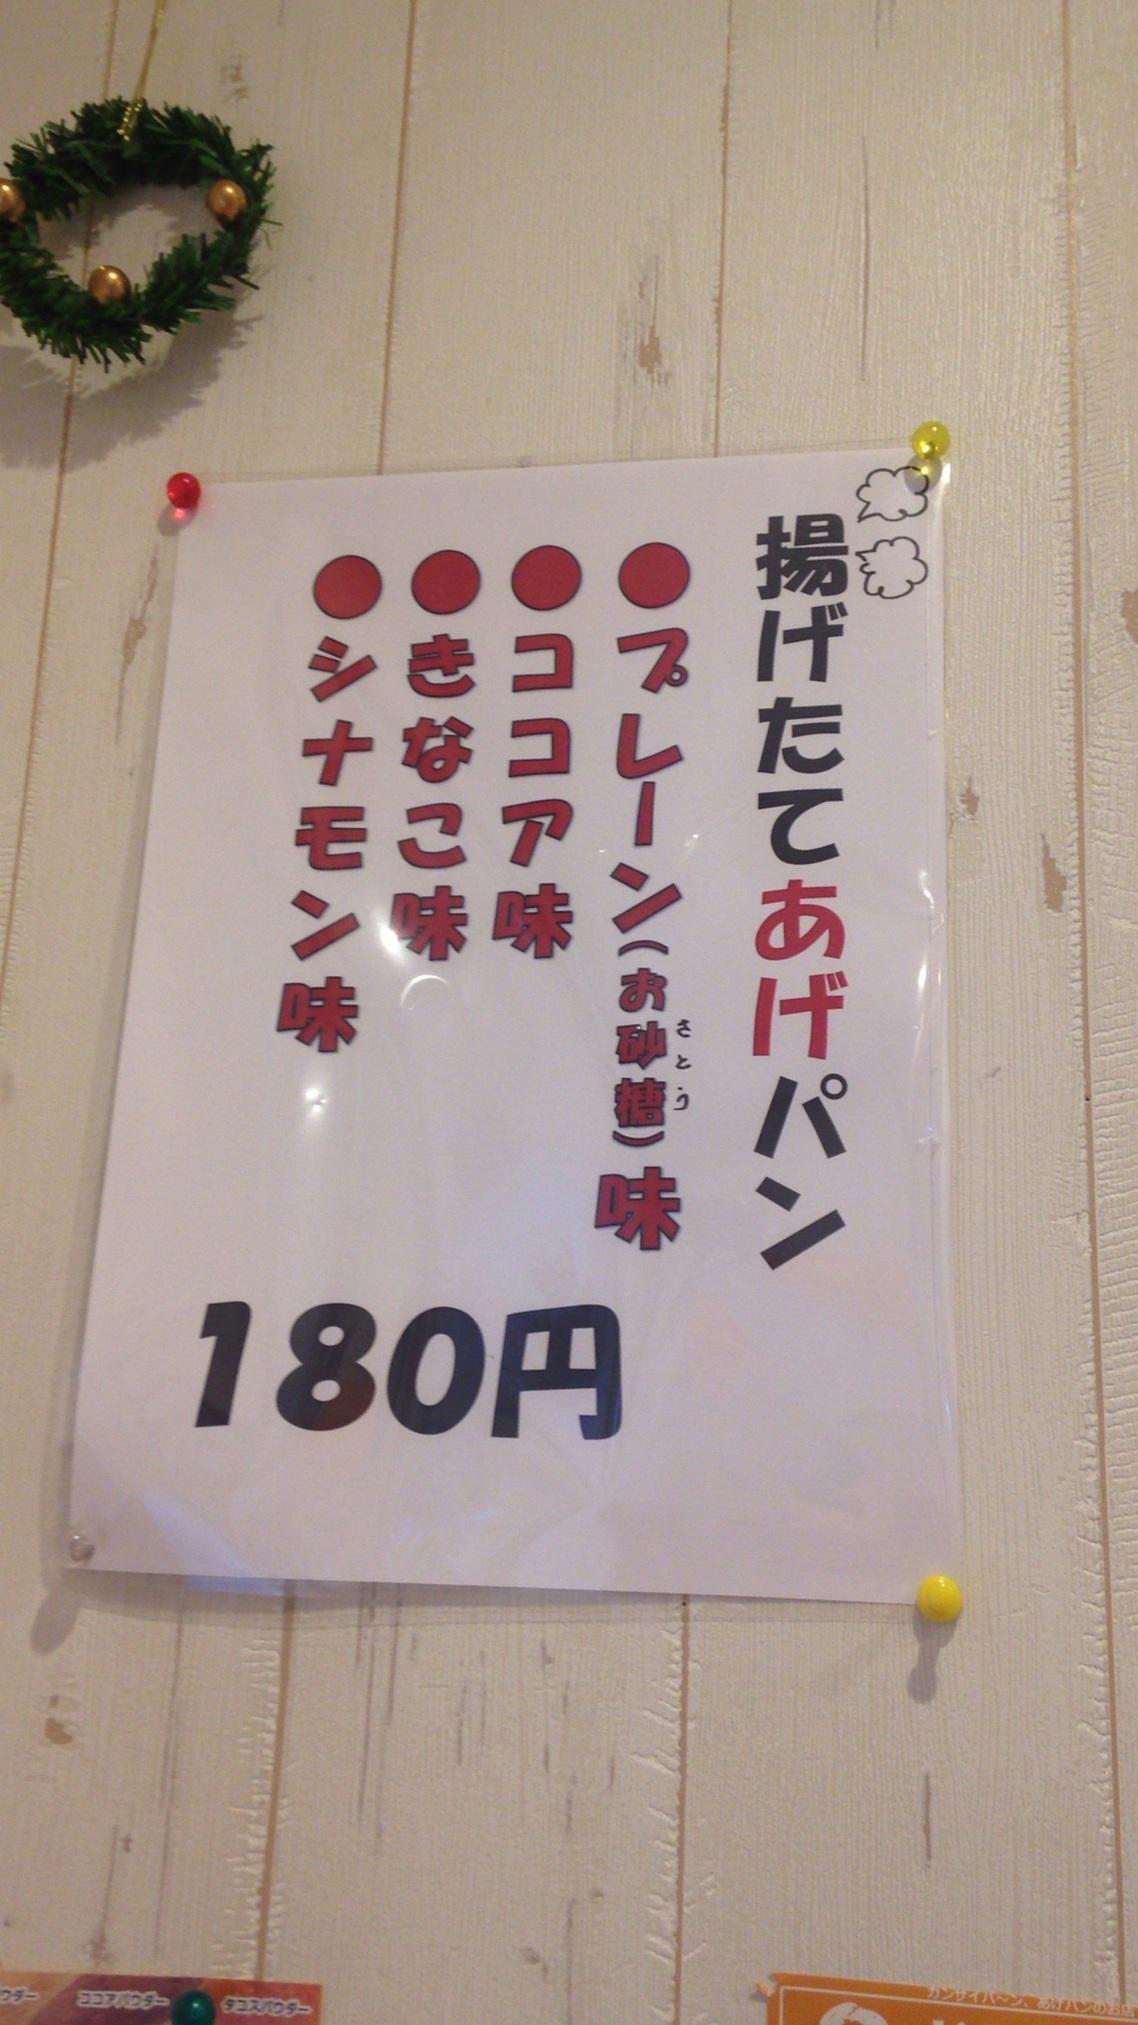 カンザイパ〜ン本舗